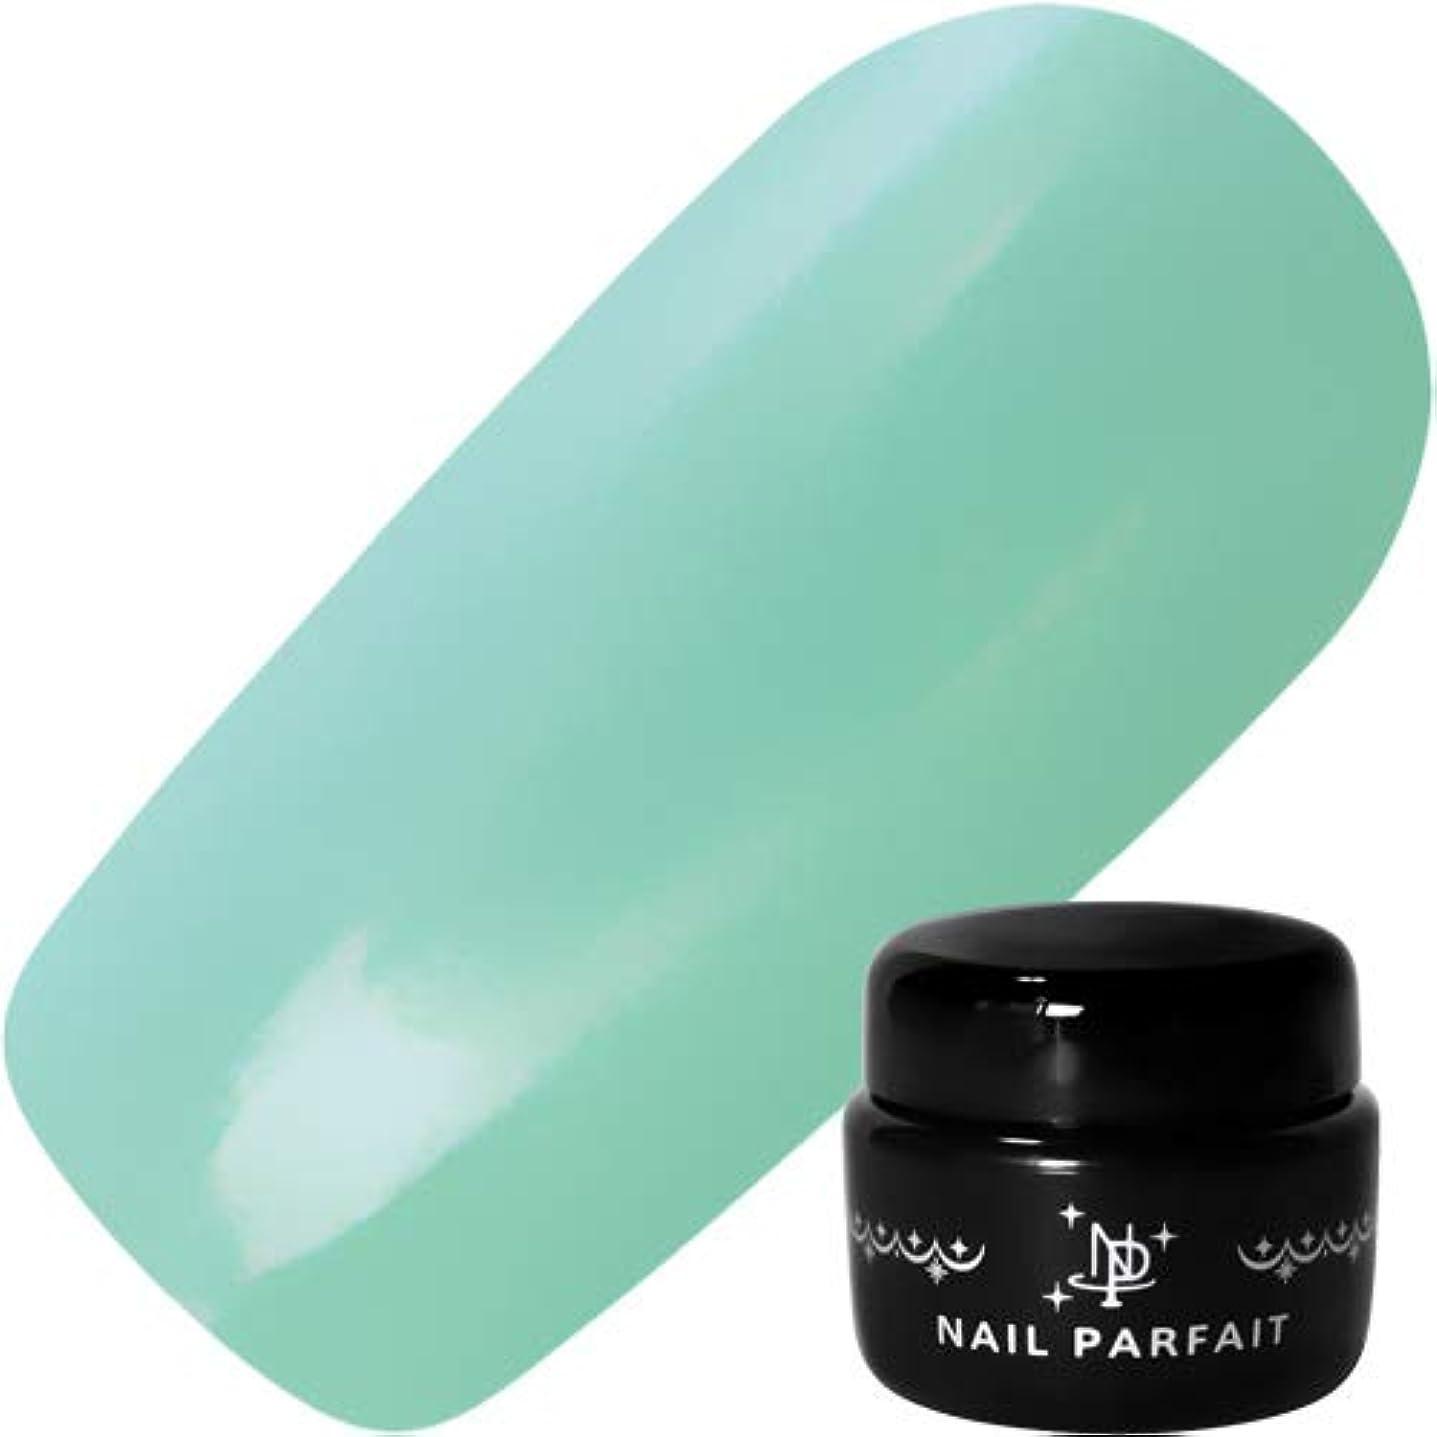 基礎組約NAIL PARFAIT ネイルパフェ カラージェル A54ペールグリーン 2g 【ジェル/カラージェル?ネイル用品】